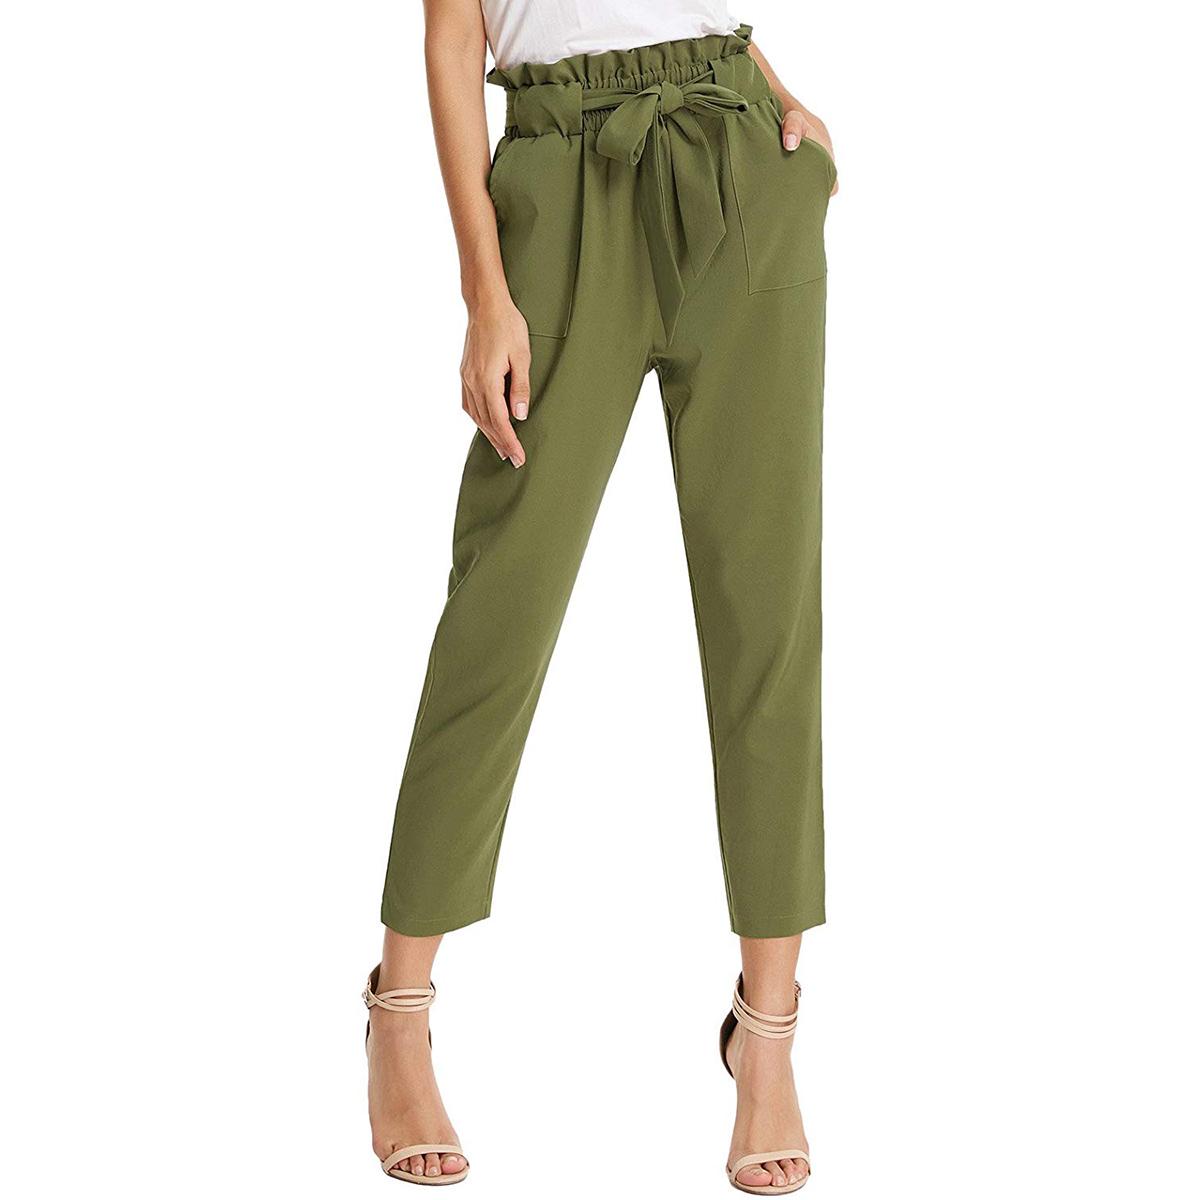 GRACE KARIN pants green